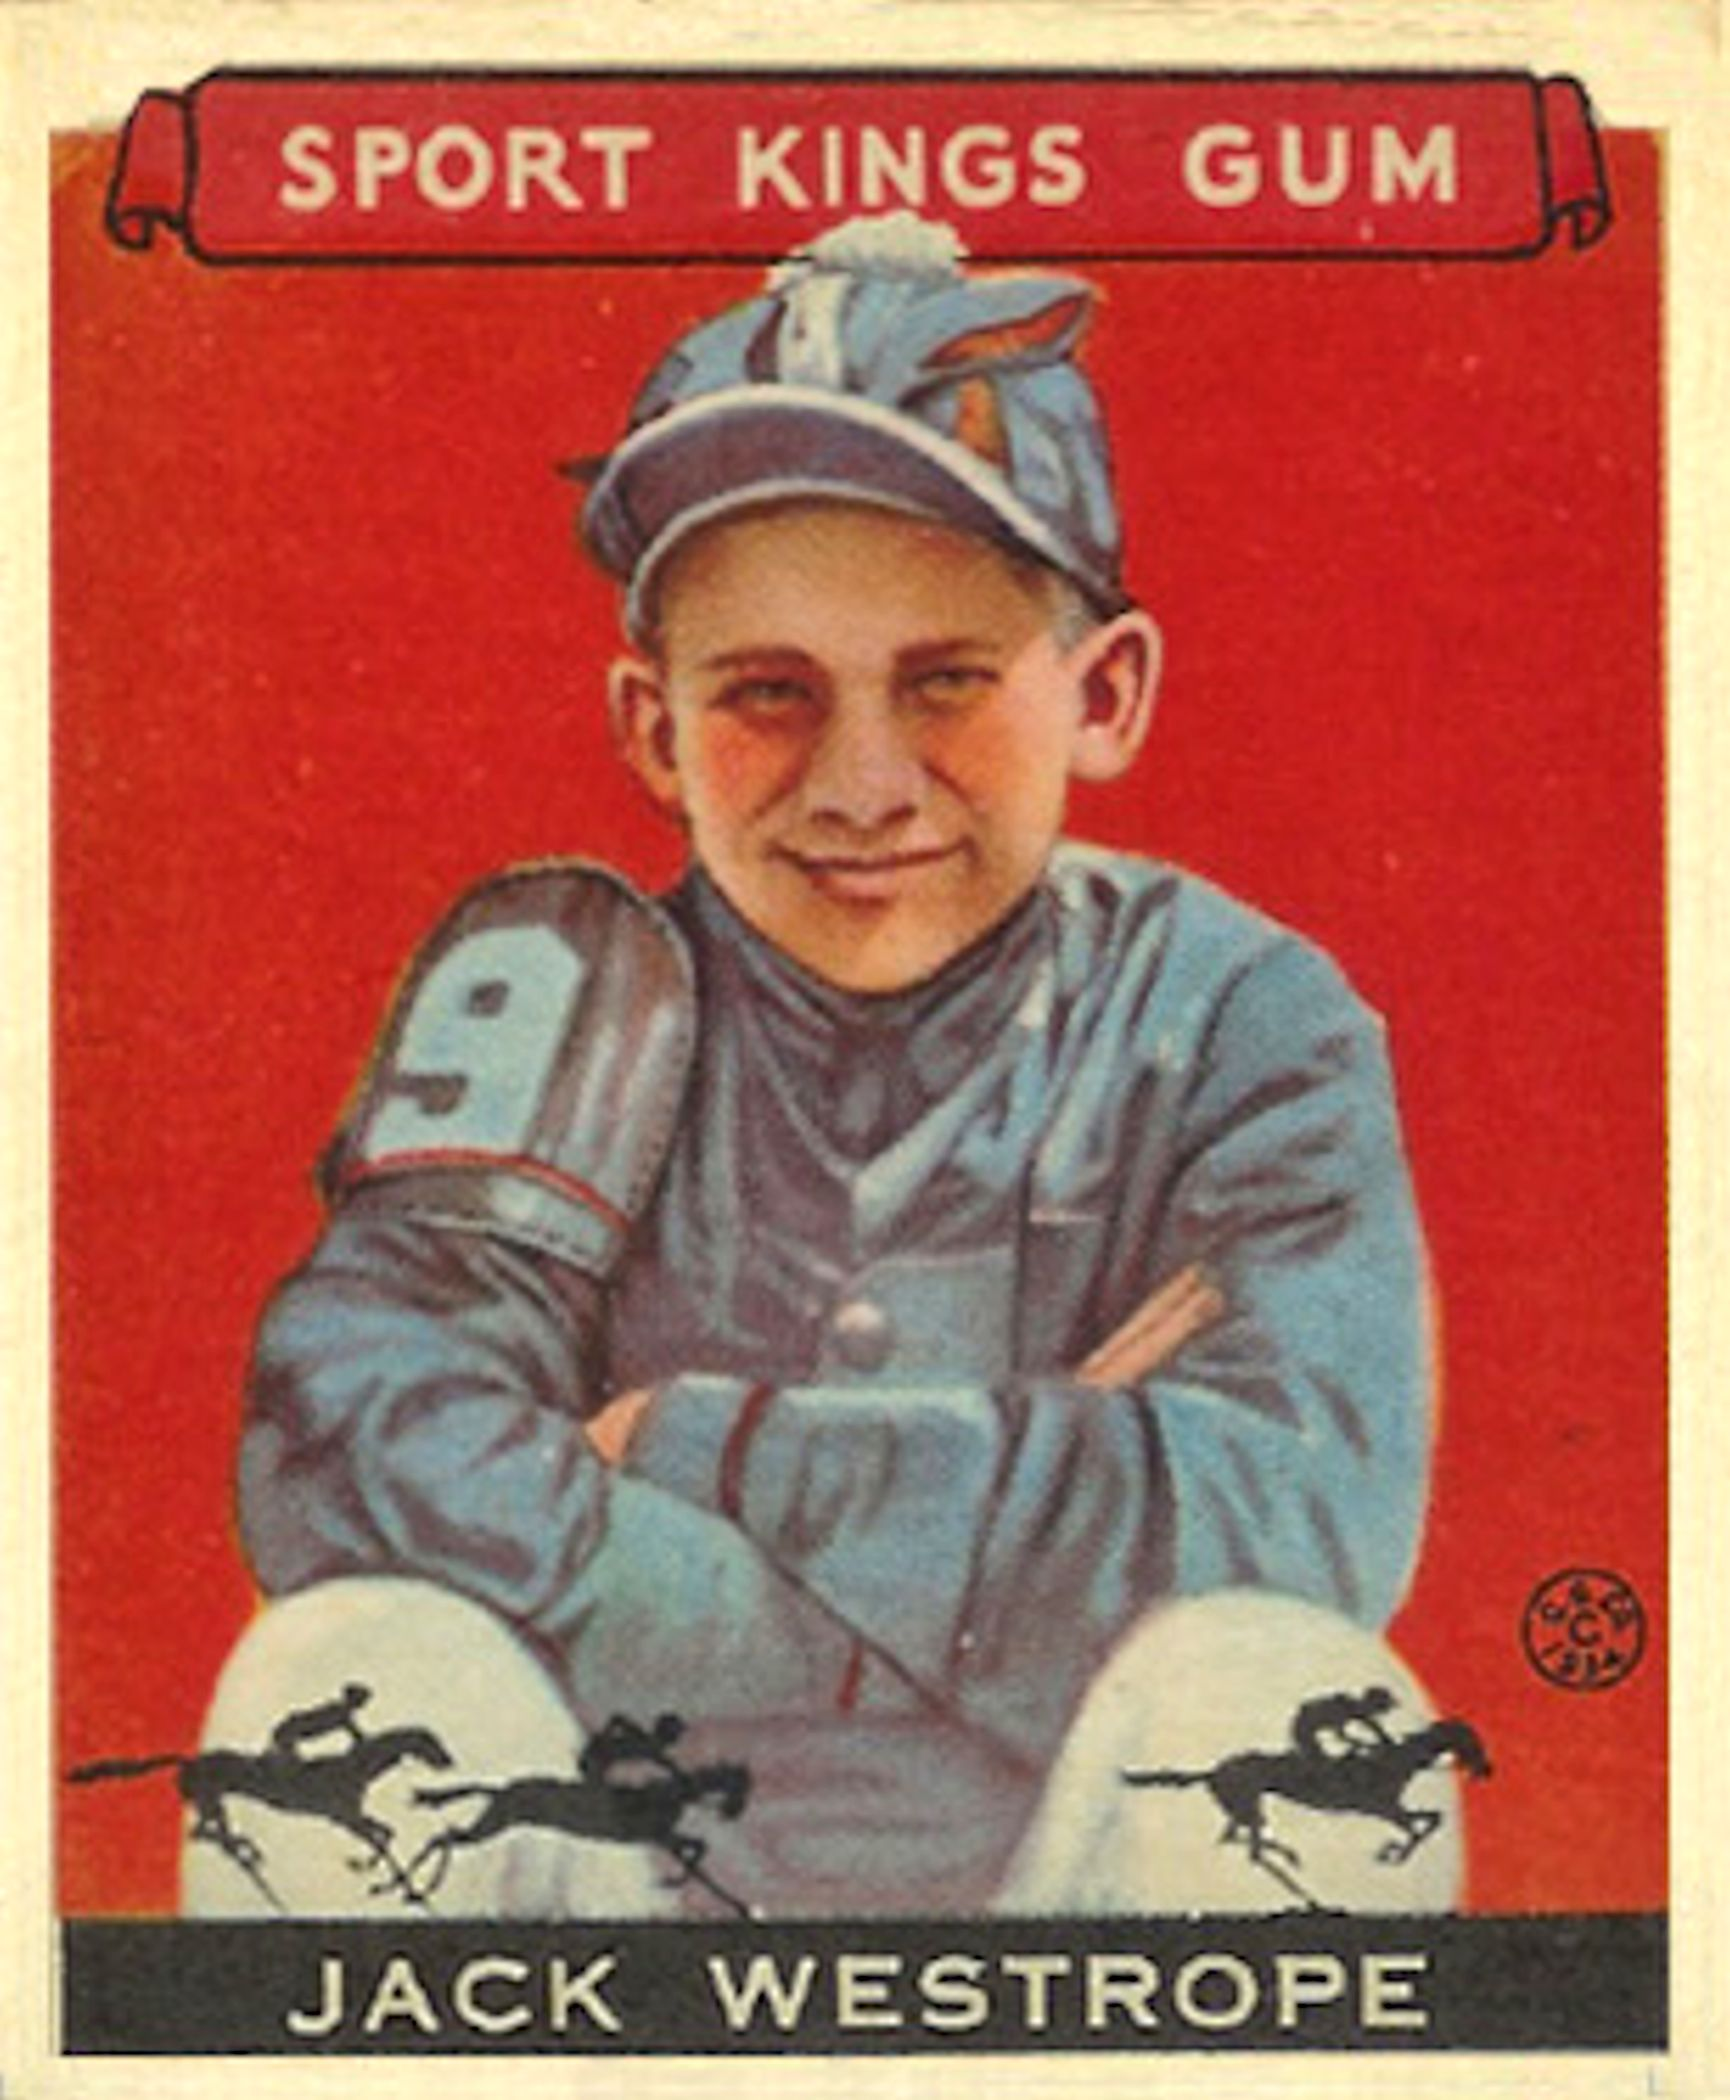 Jack Westrope, 1933 Sport Kings (Public Domain)